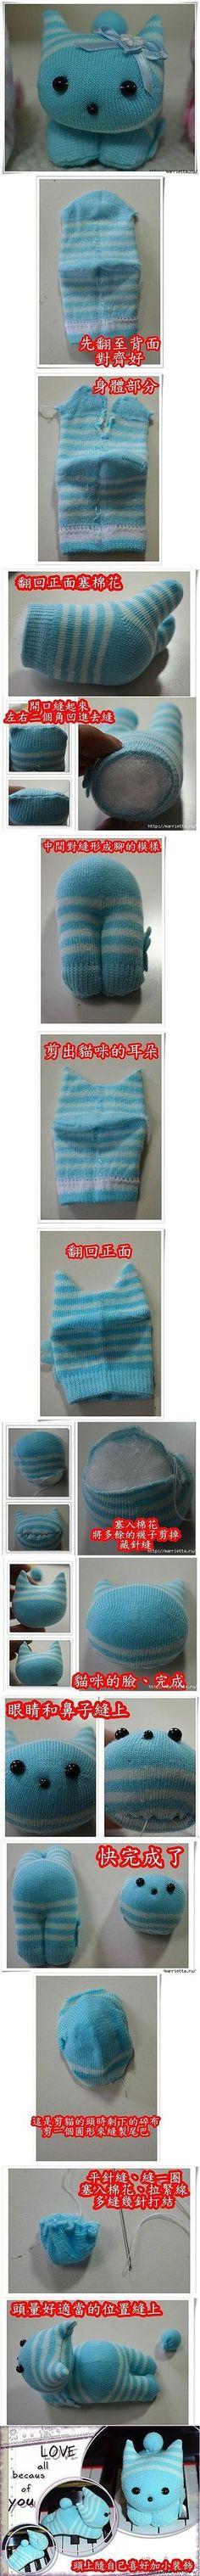 DIY Cute Sock Kitten DIY Projects